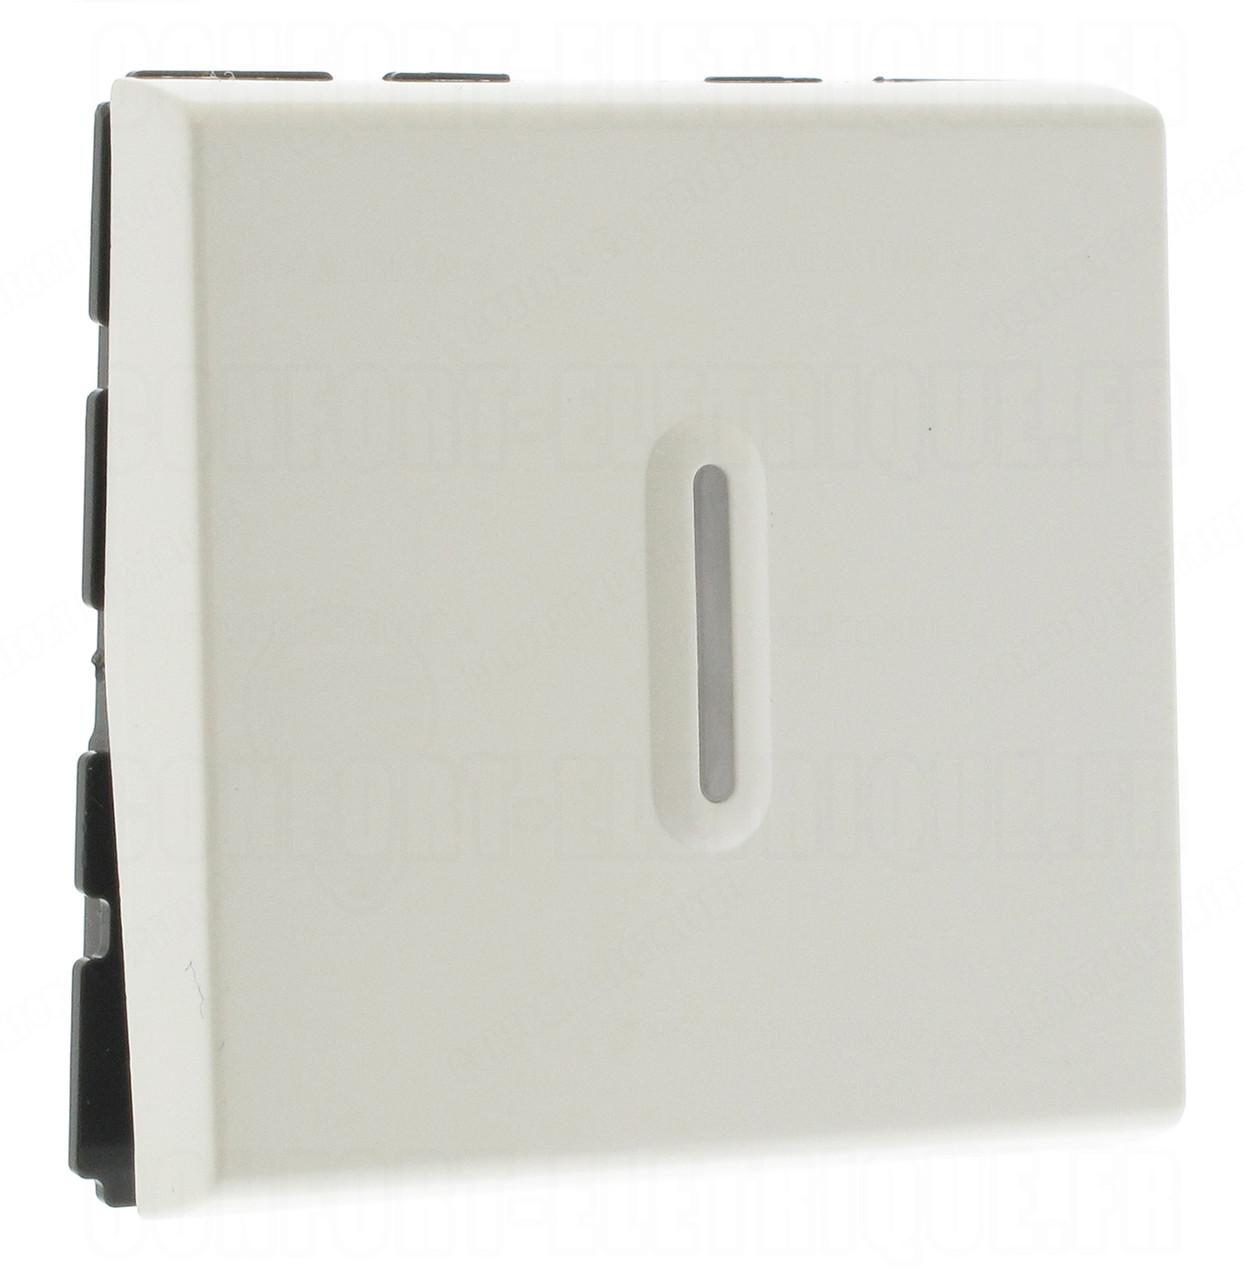 77042 - Кнопочный выключатель перекидной 6a со светодиодной подсветкой (2 Модуля)